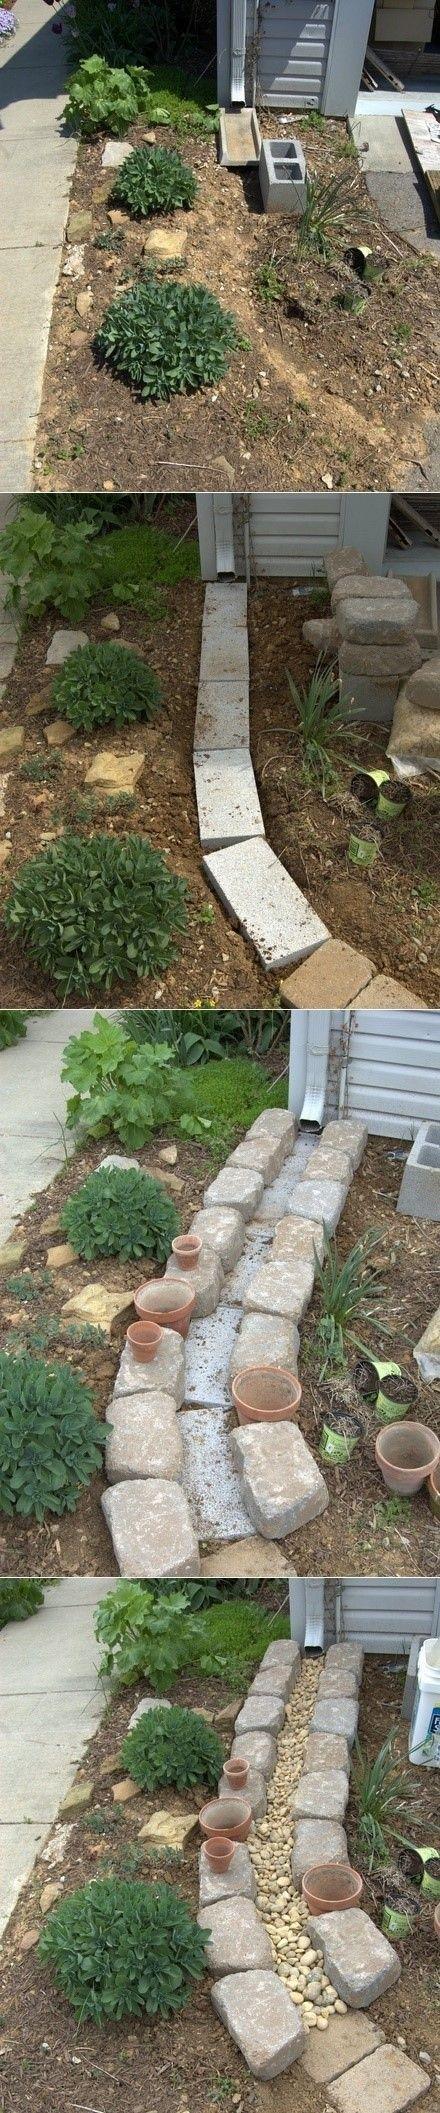 best Ideas for the garden images on Pinterest Gardening